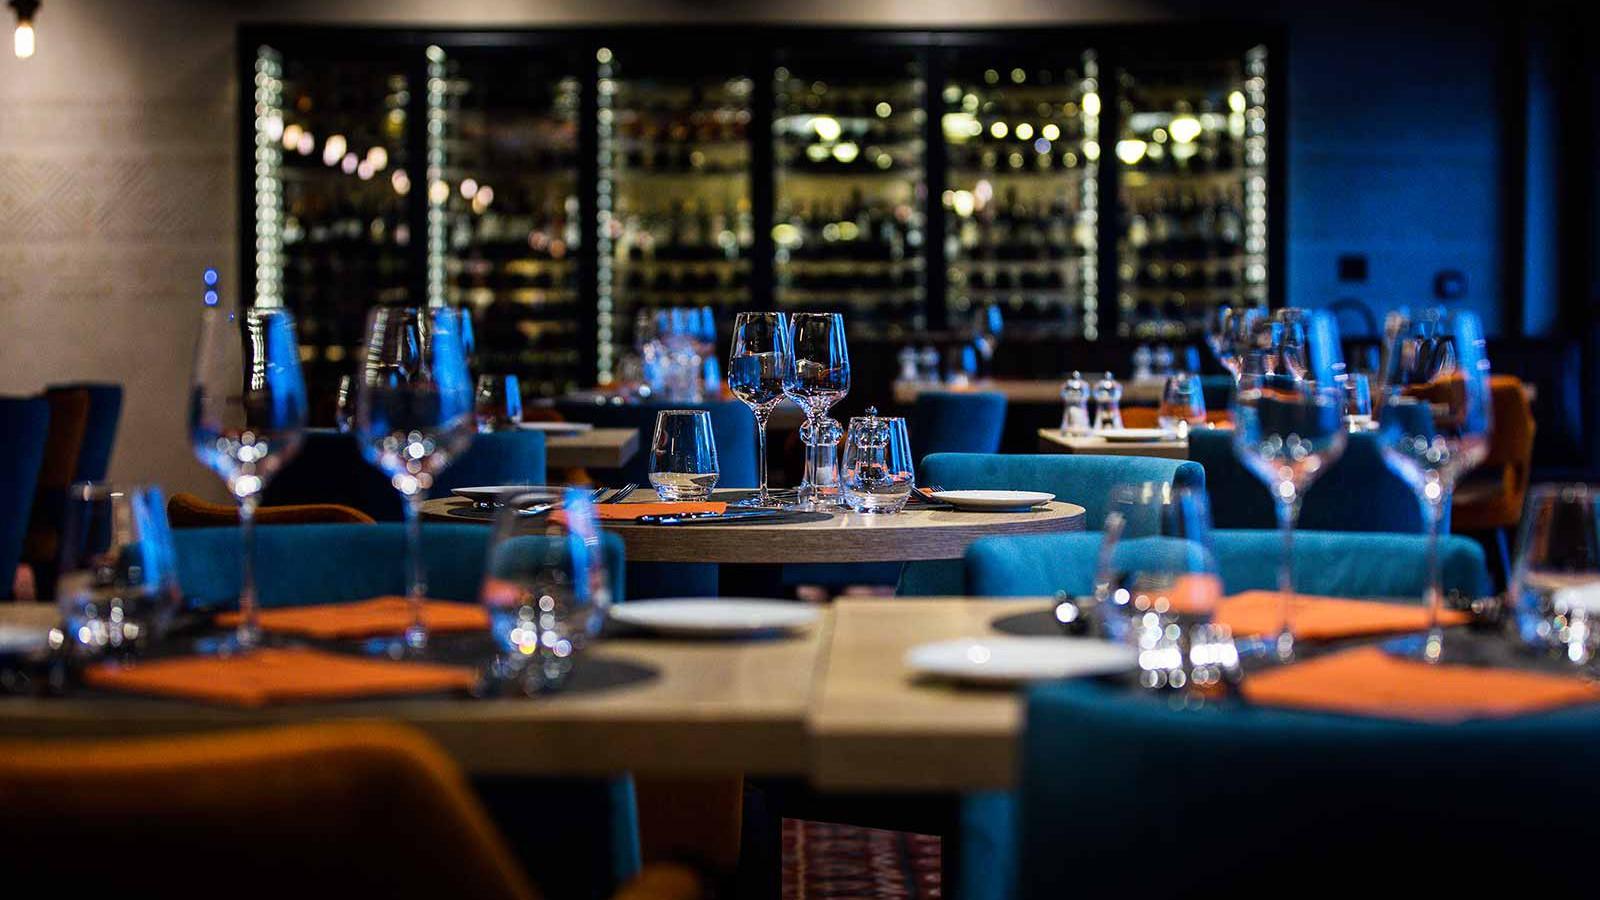 Daria-I Nor Hotel, Alpe D'Huez - Dining